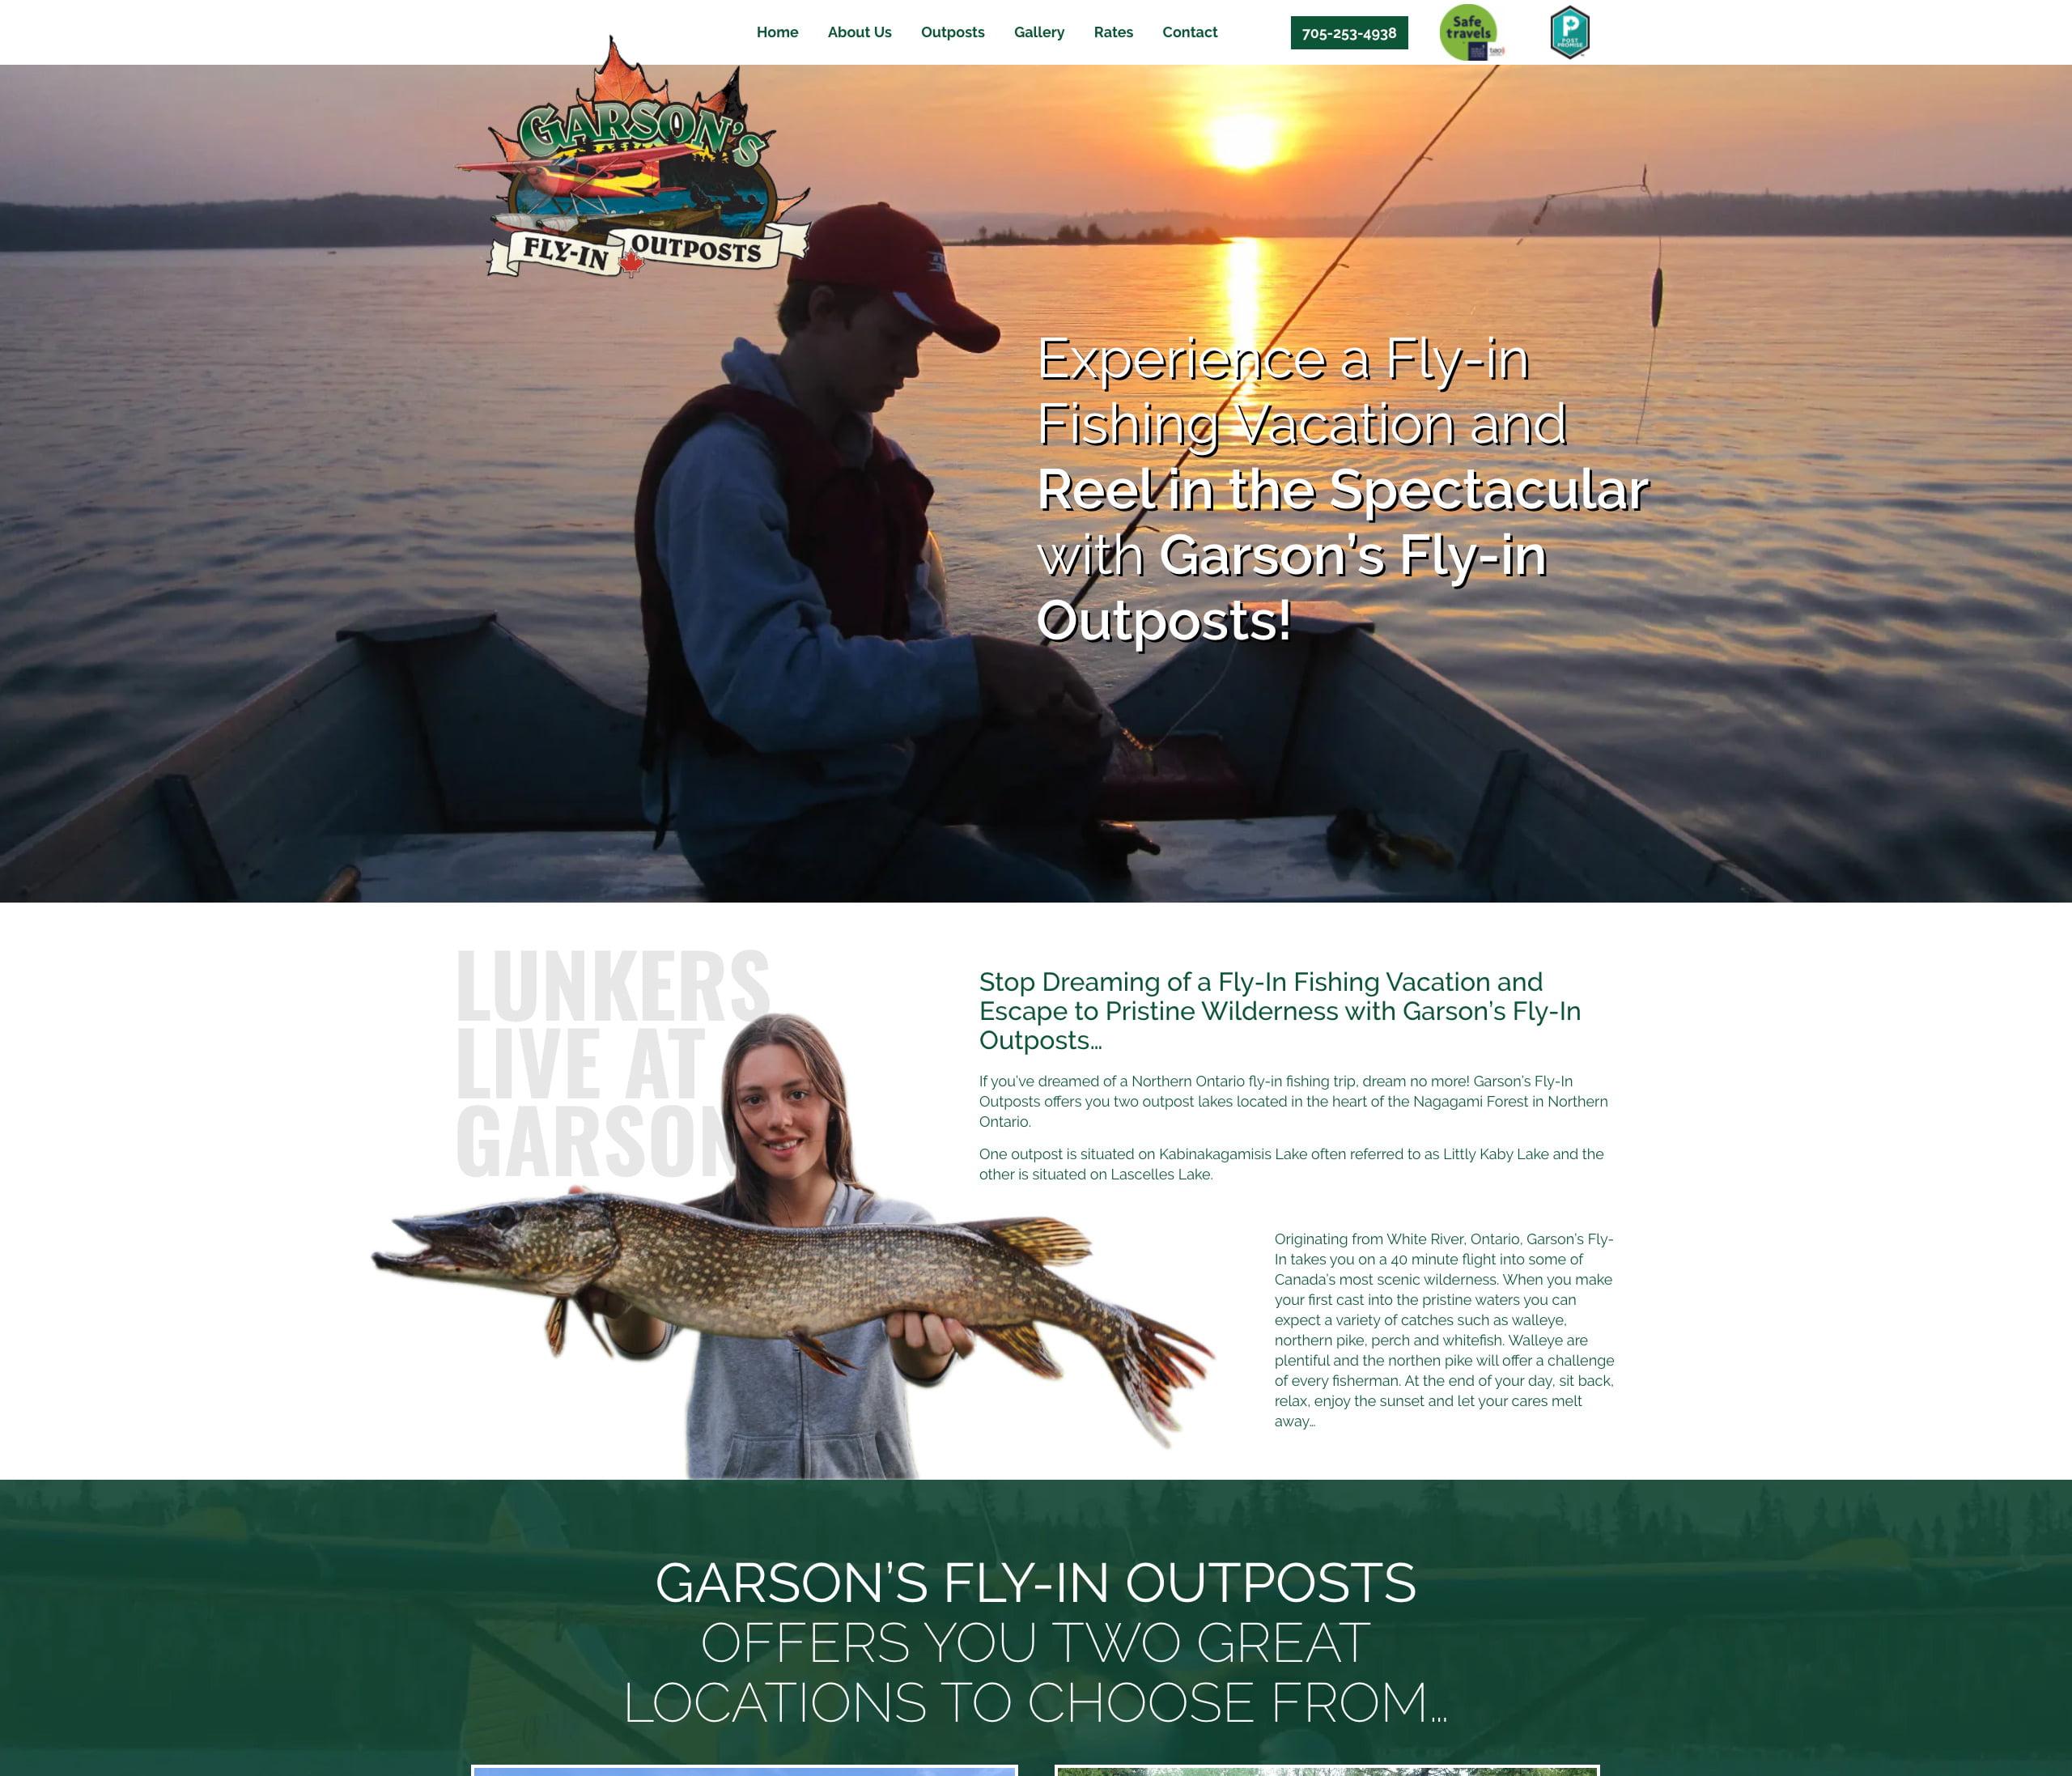 Garson's Fly-in Outposts Website Development